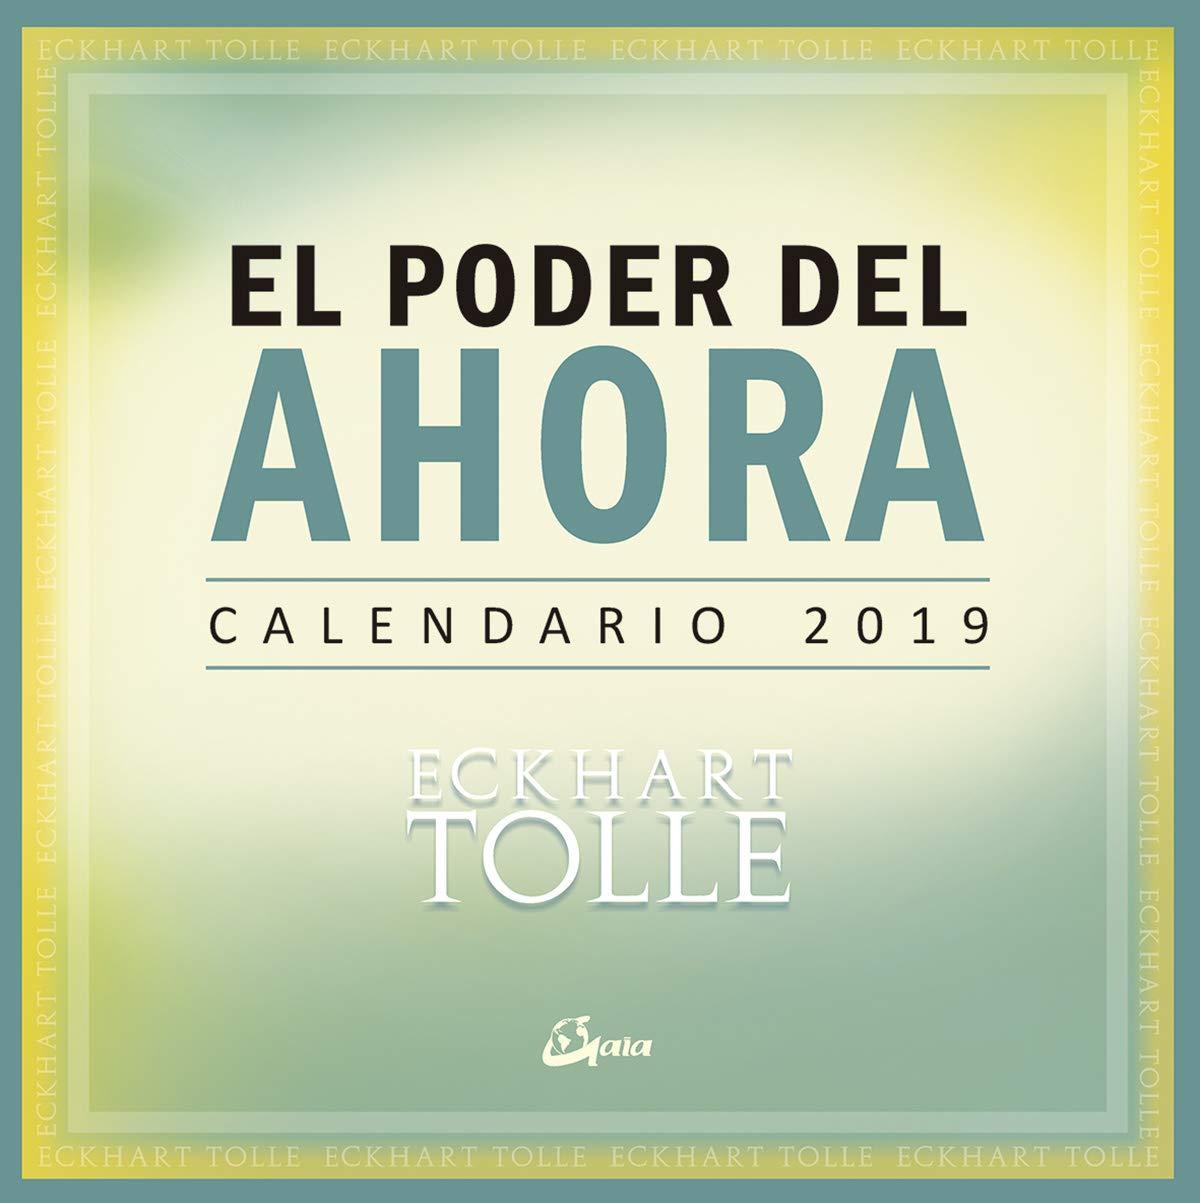 El poder del ahora - Calendario 2019: Amazon.es: Tolle, Eckhart ...